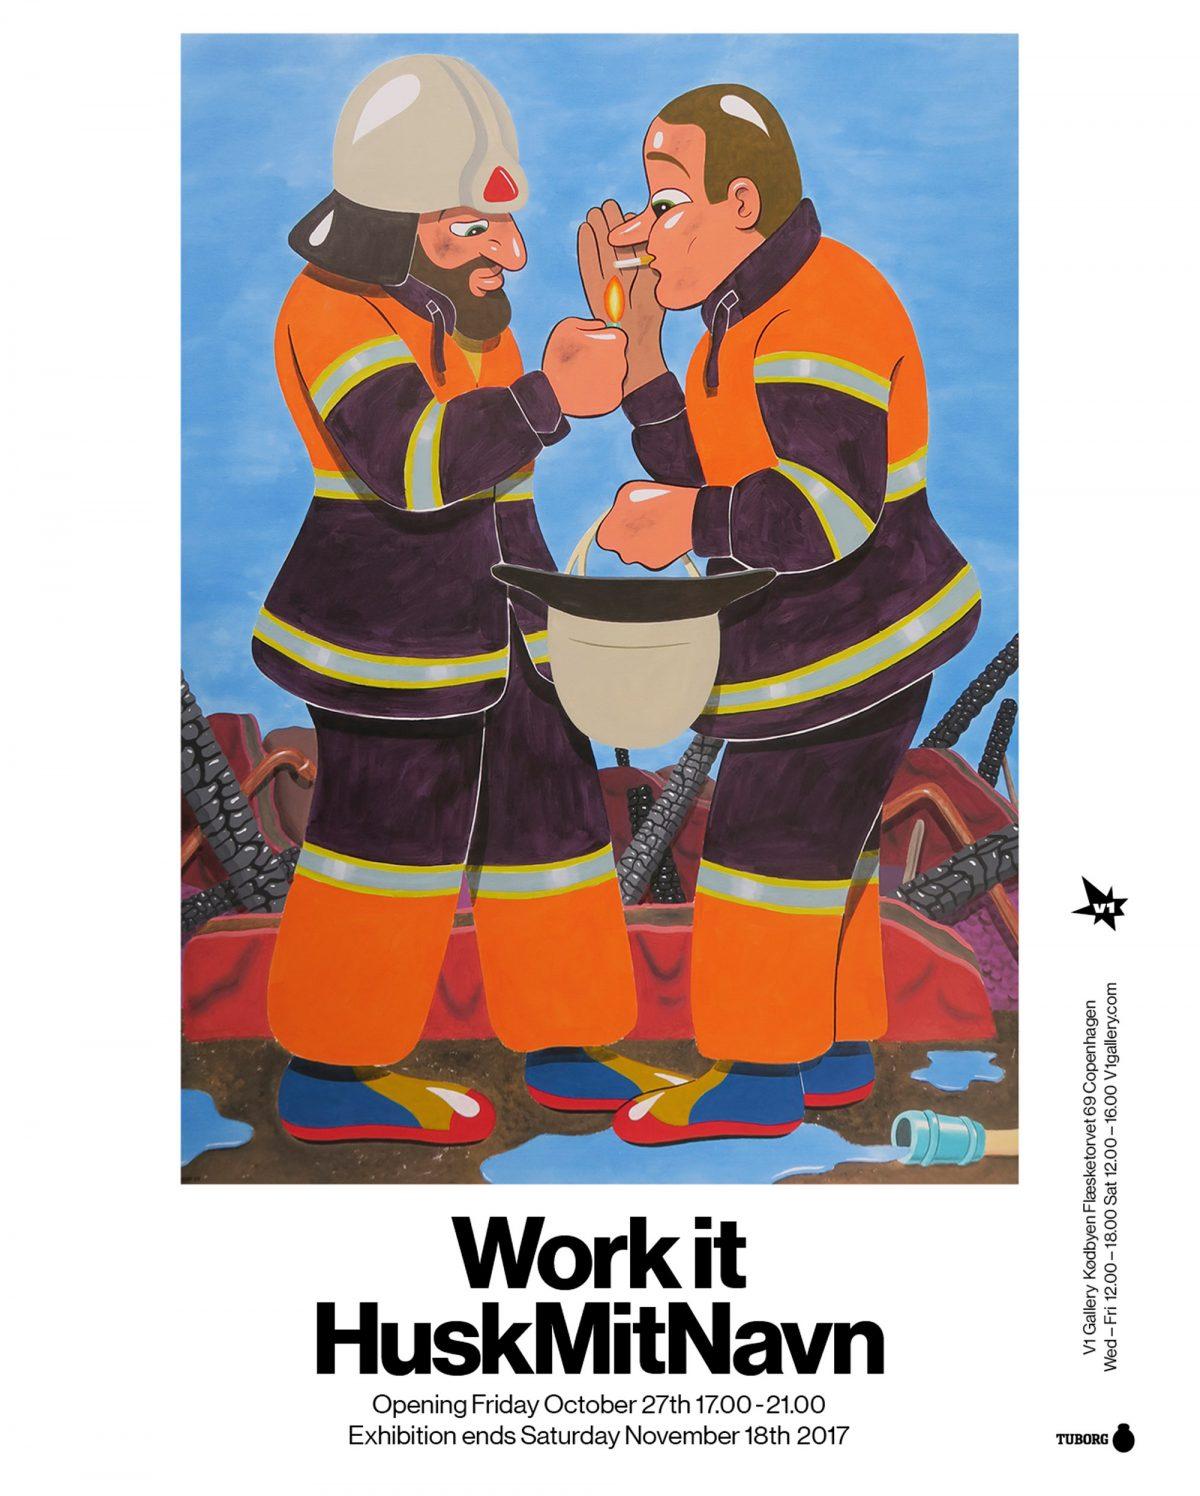 FERNISERING 27. oktober: V1 Gallery præsenterer to soloudstillinger af HuskMitNavn (DK)